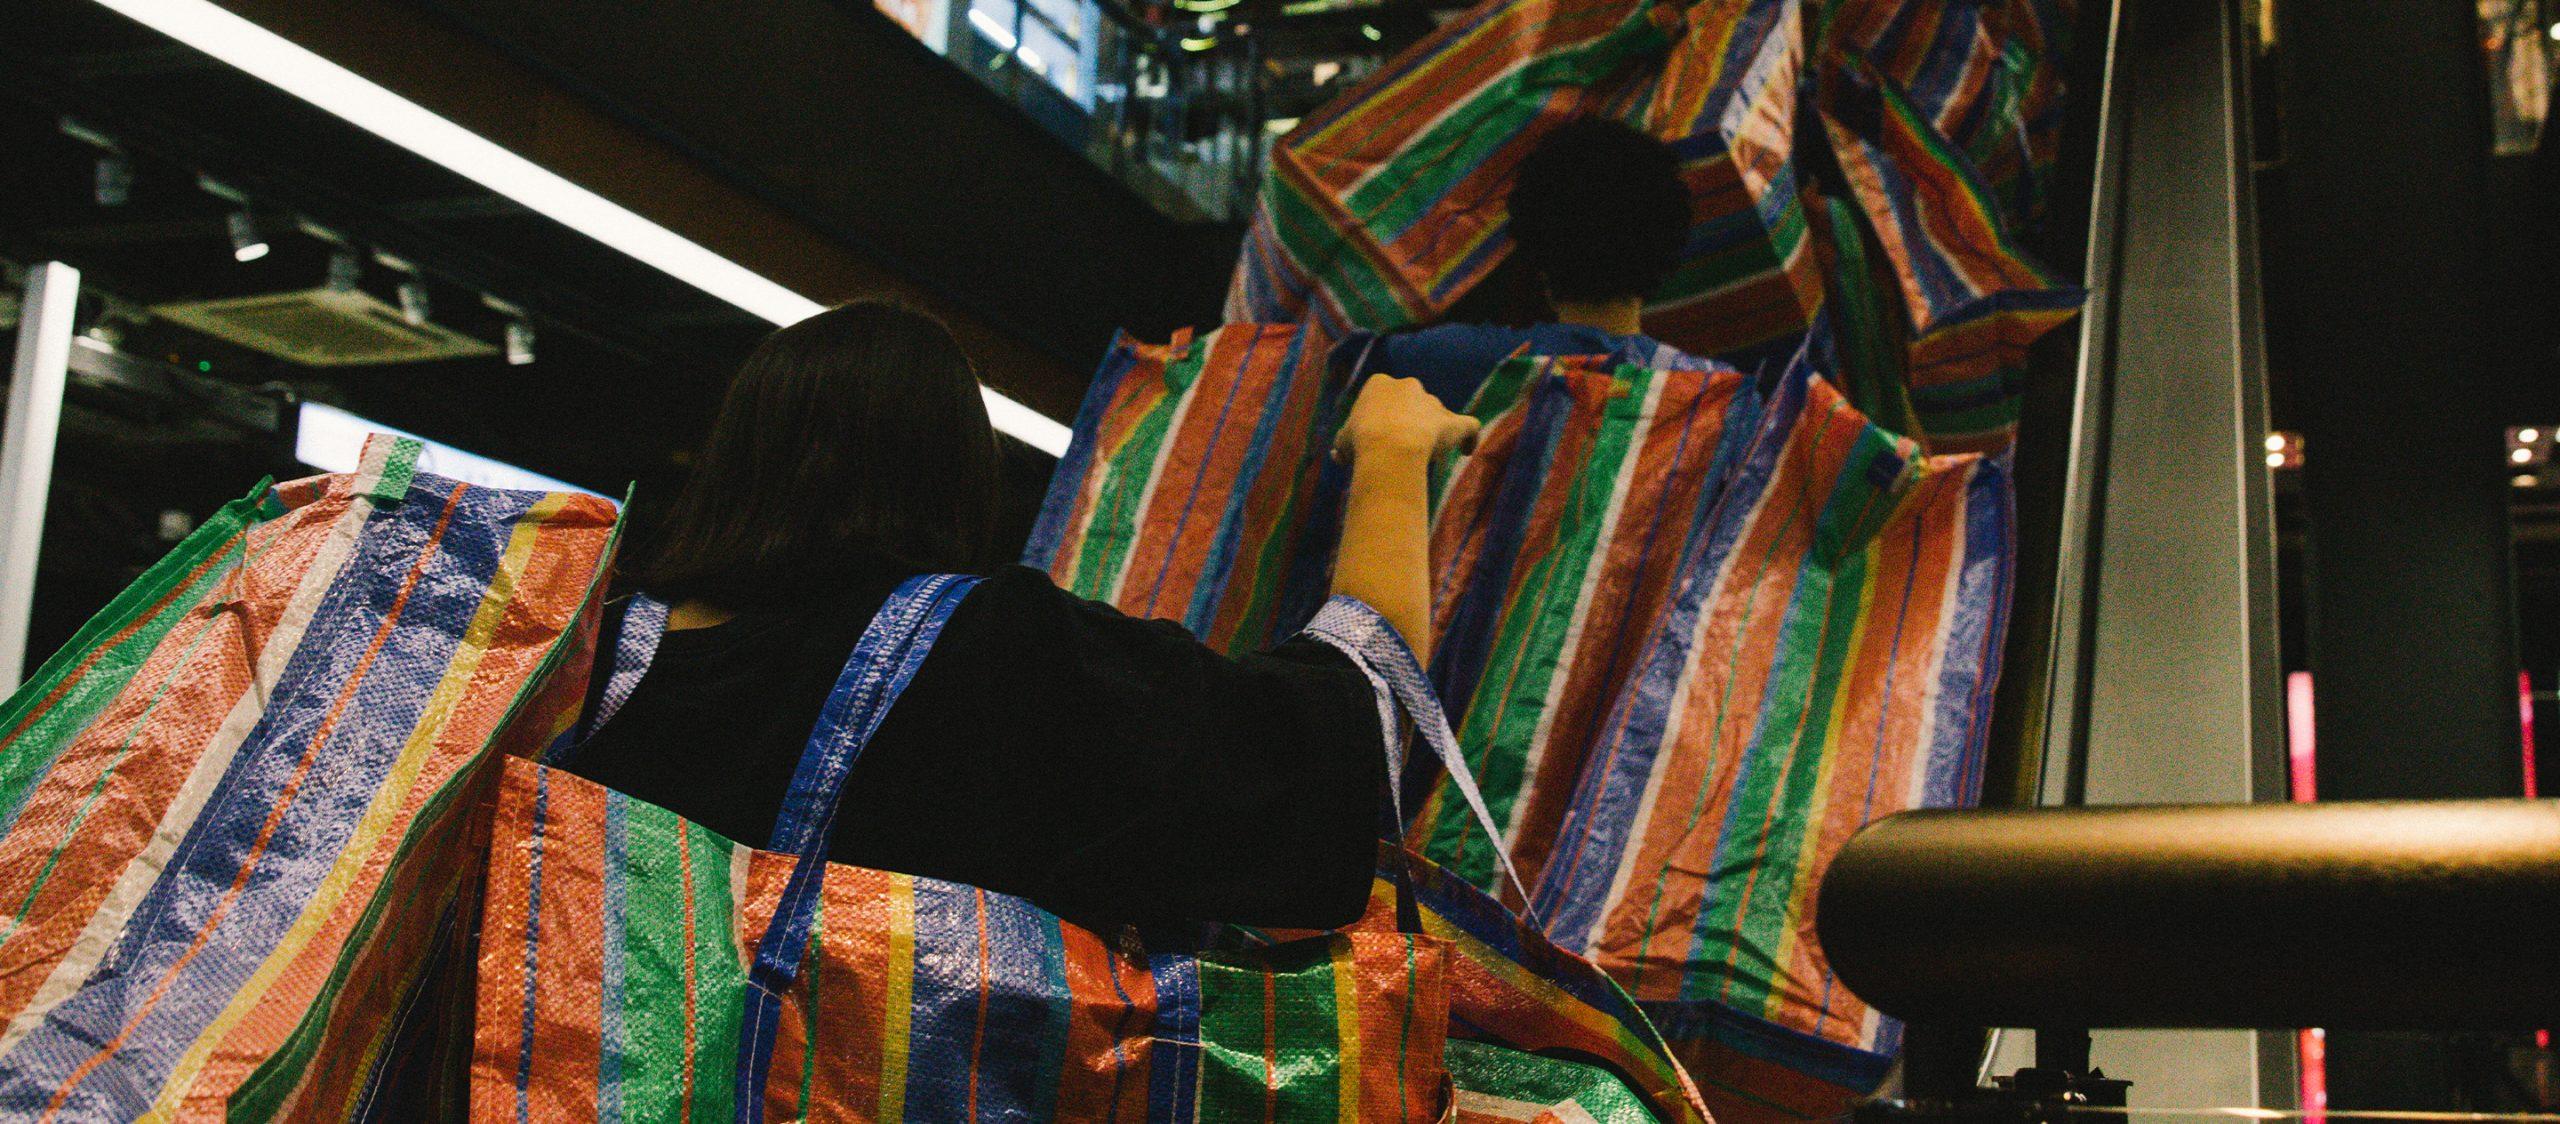 Balen(ciaga) I Belong : แฟลชม็อบกระเป๋าสายรุ้งที่บรรจุความเหลื่อมล้ำของดอกหญ้าในป่าปูน